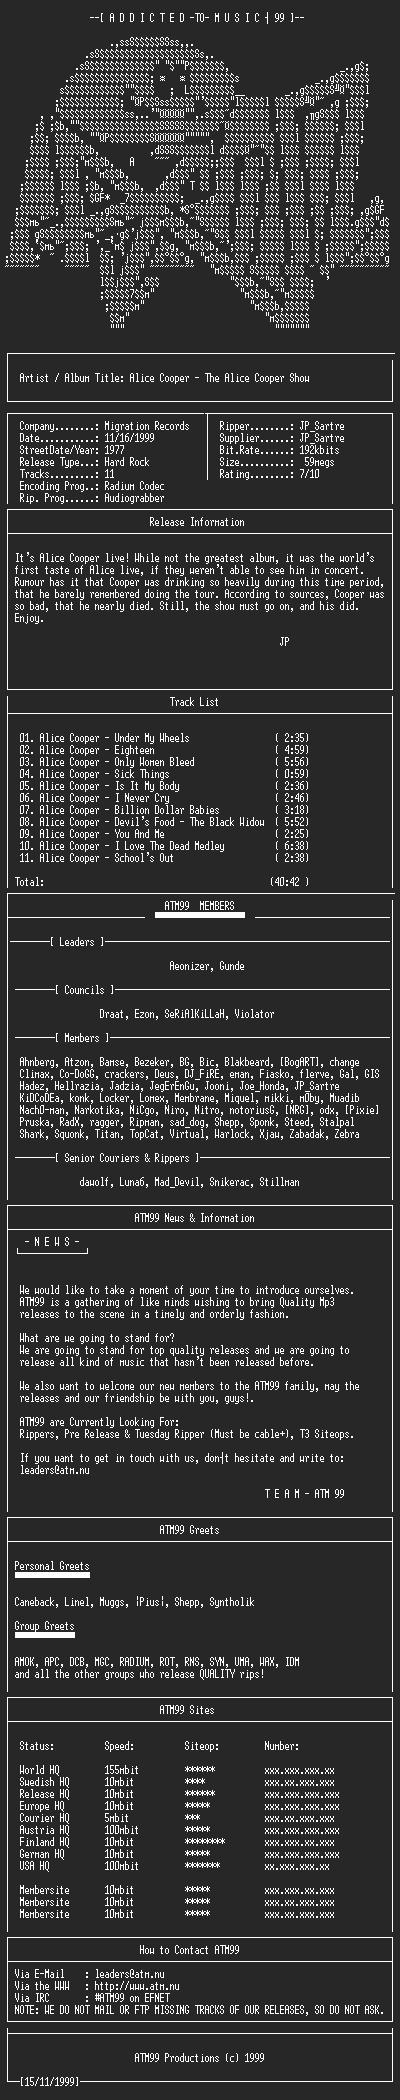 NFO file for Alice_Cooper_-_The_Alice_Cooper_Show_-_(1977)-ATM99